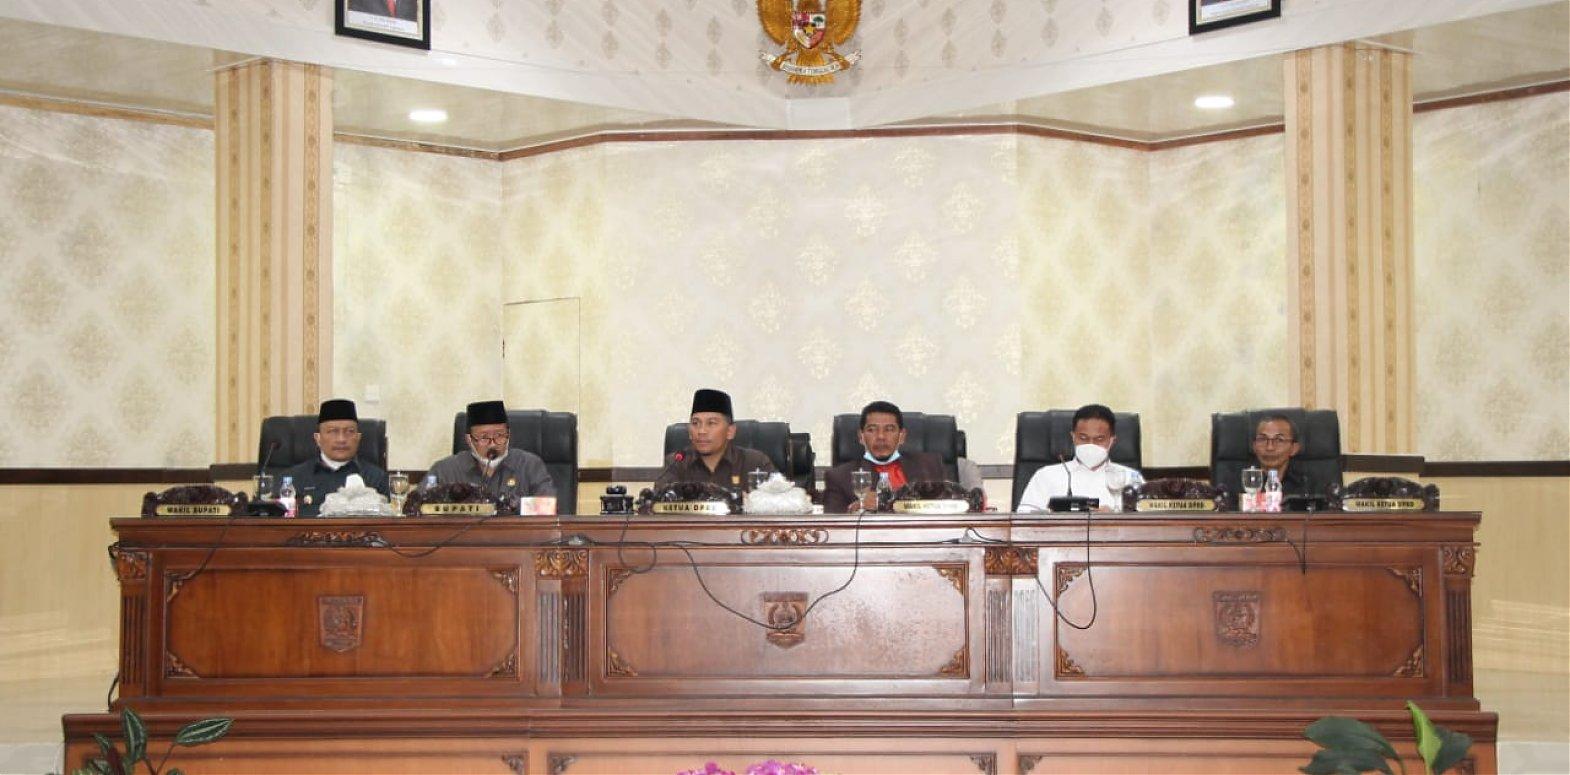 DPRD Agam Gelar Rapat Paripurna Pidato Perdana Bupati